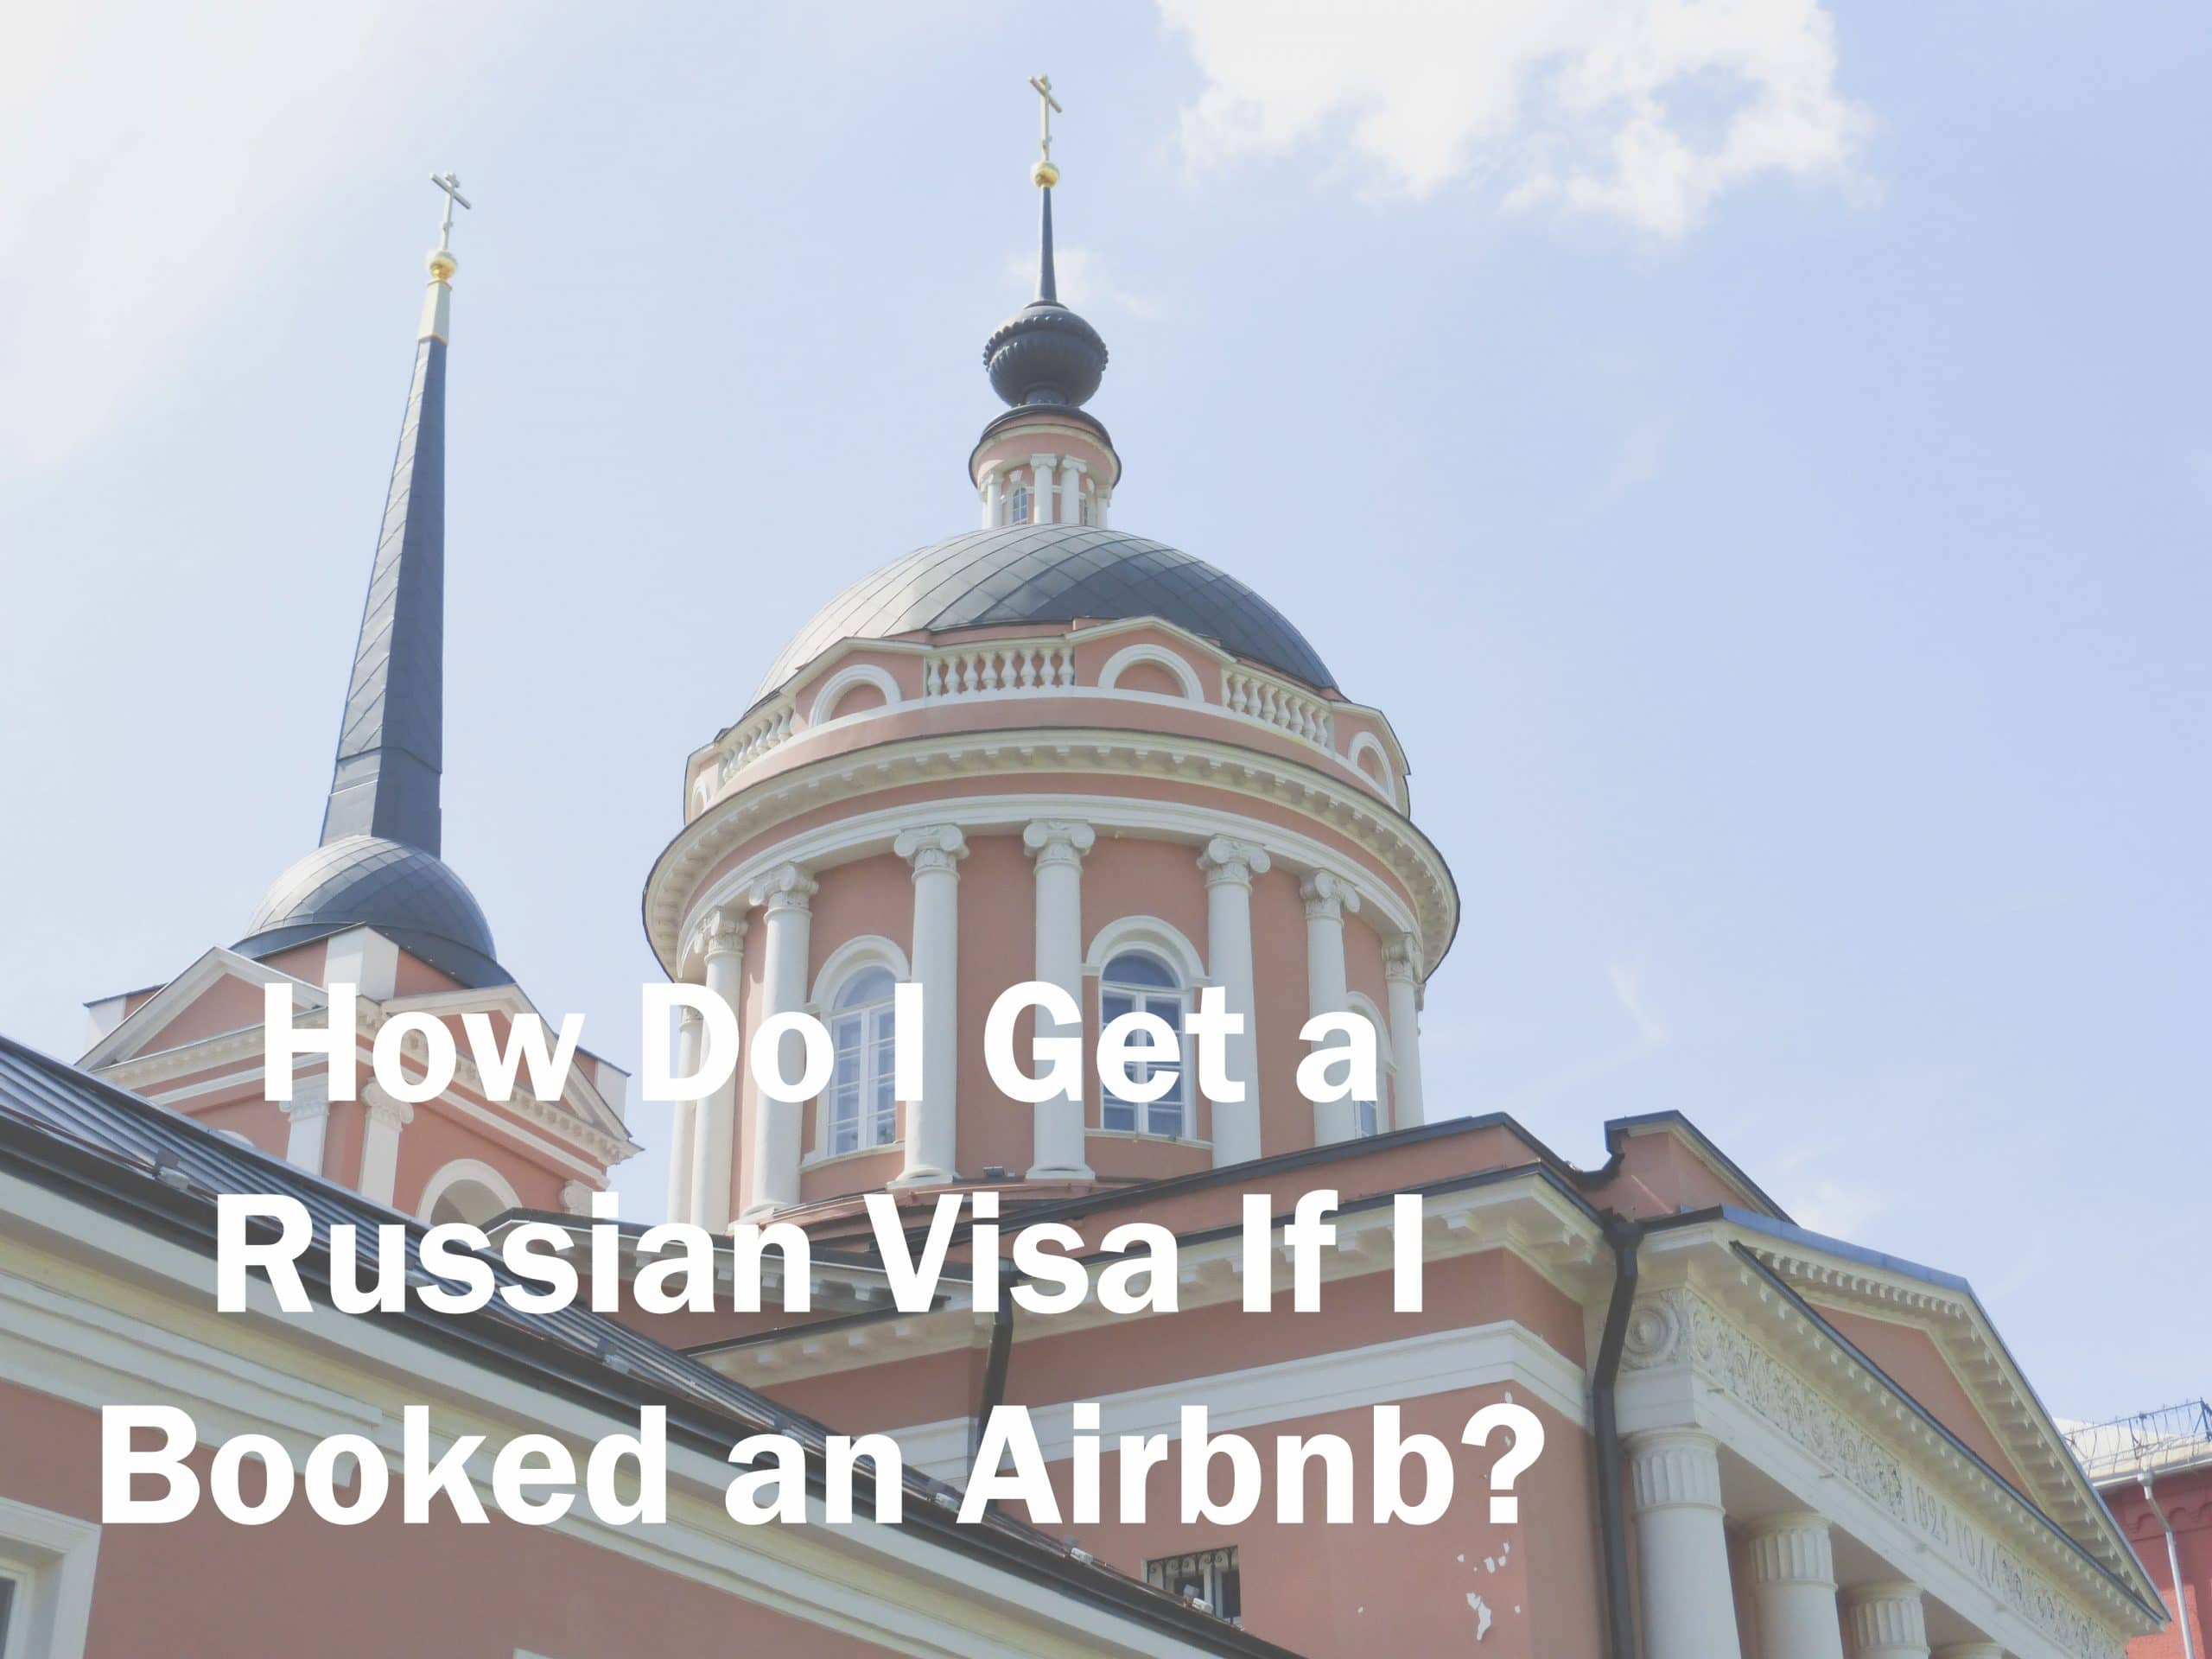 Get a Russian Visa